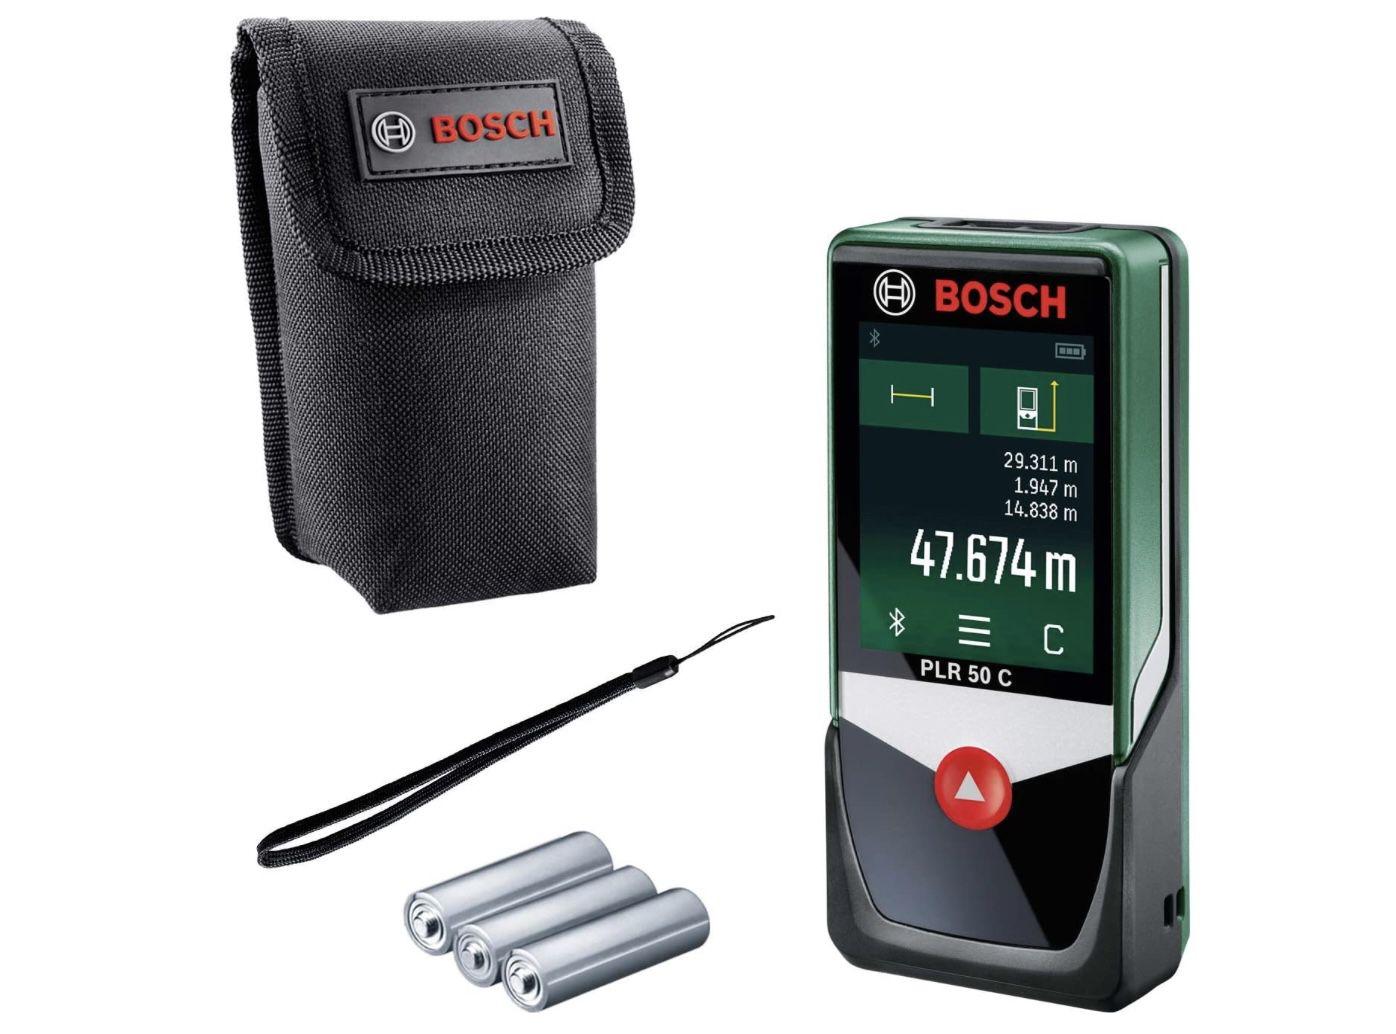 Bosch PLR 50 C Laser Entfernungsmesser für 60,79€ (statt 71€)